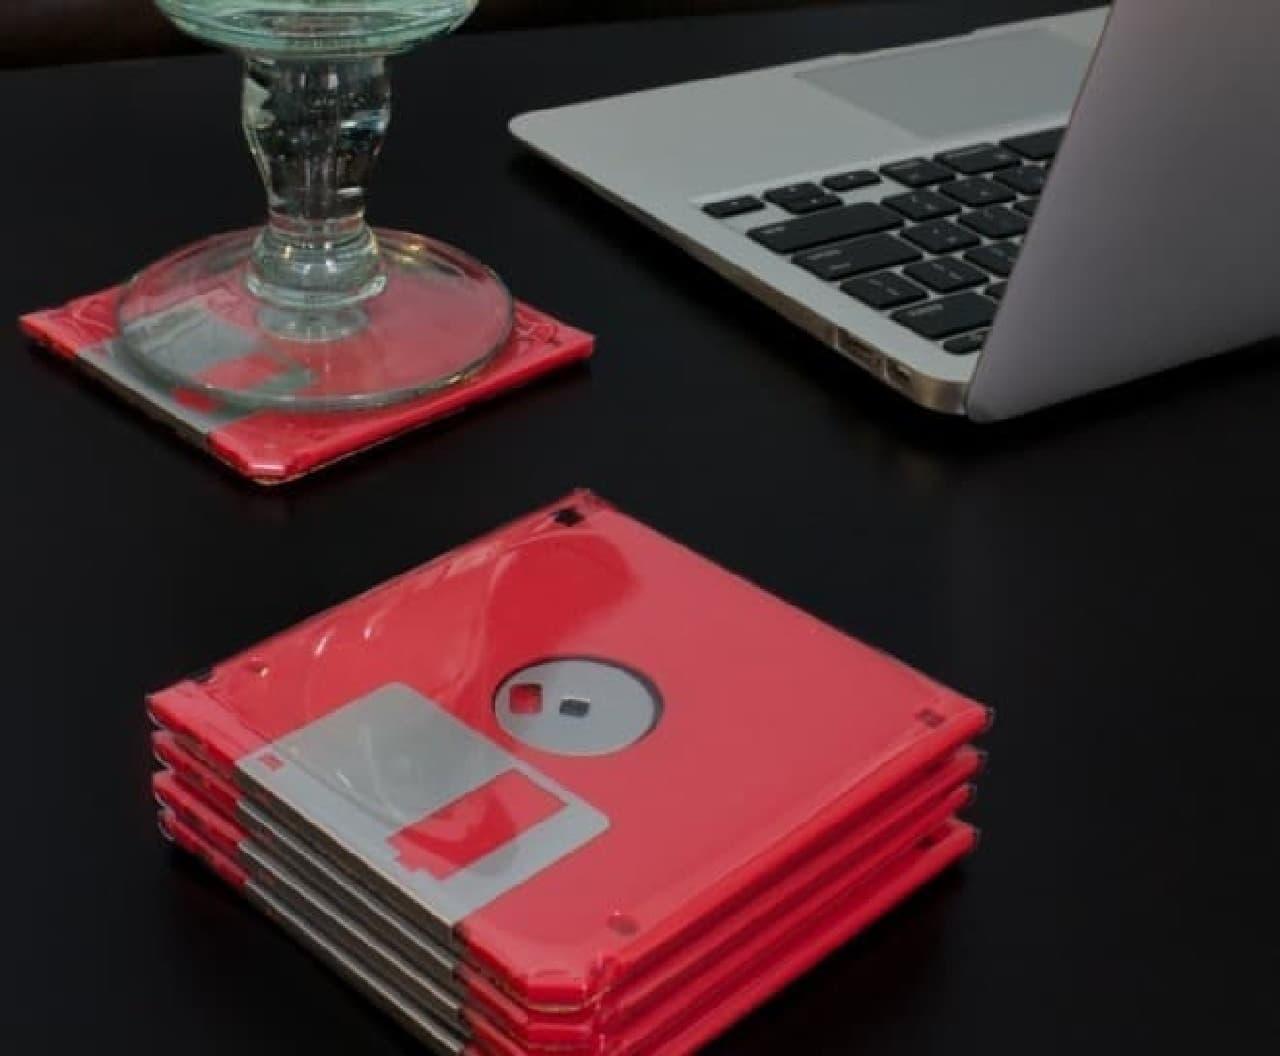 FDを利用して作ったコースター 「Floppy Disk Coasters」  お父さん、いつもありがとう!